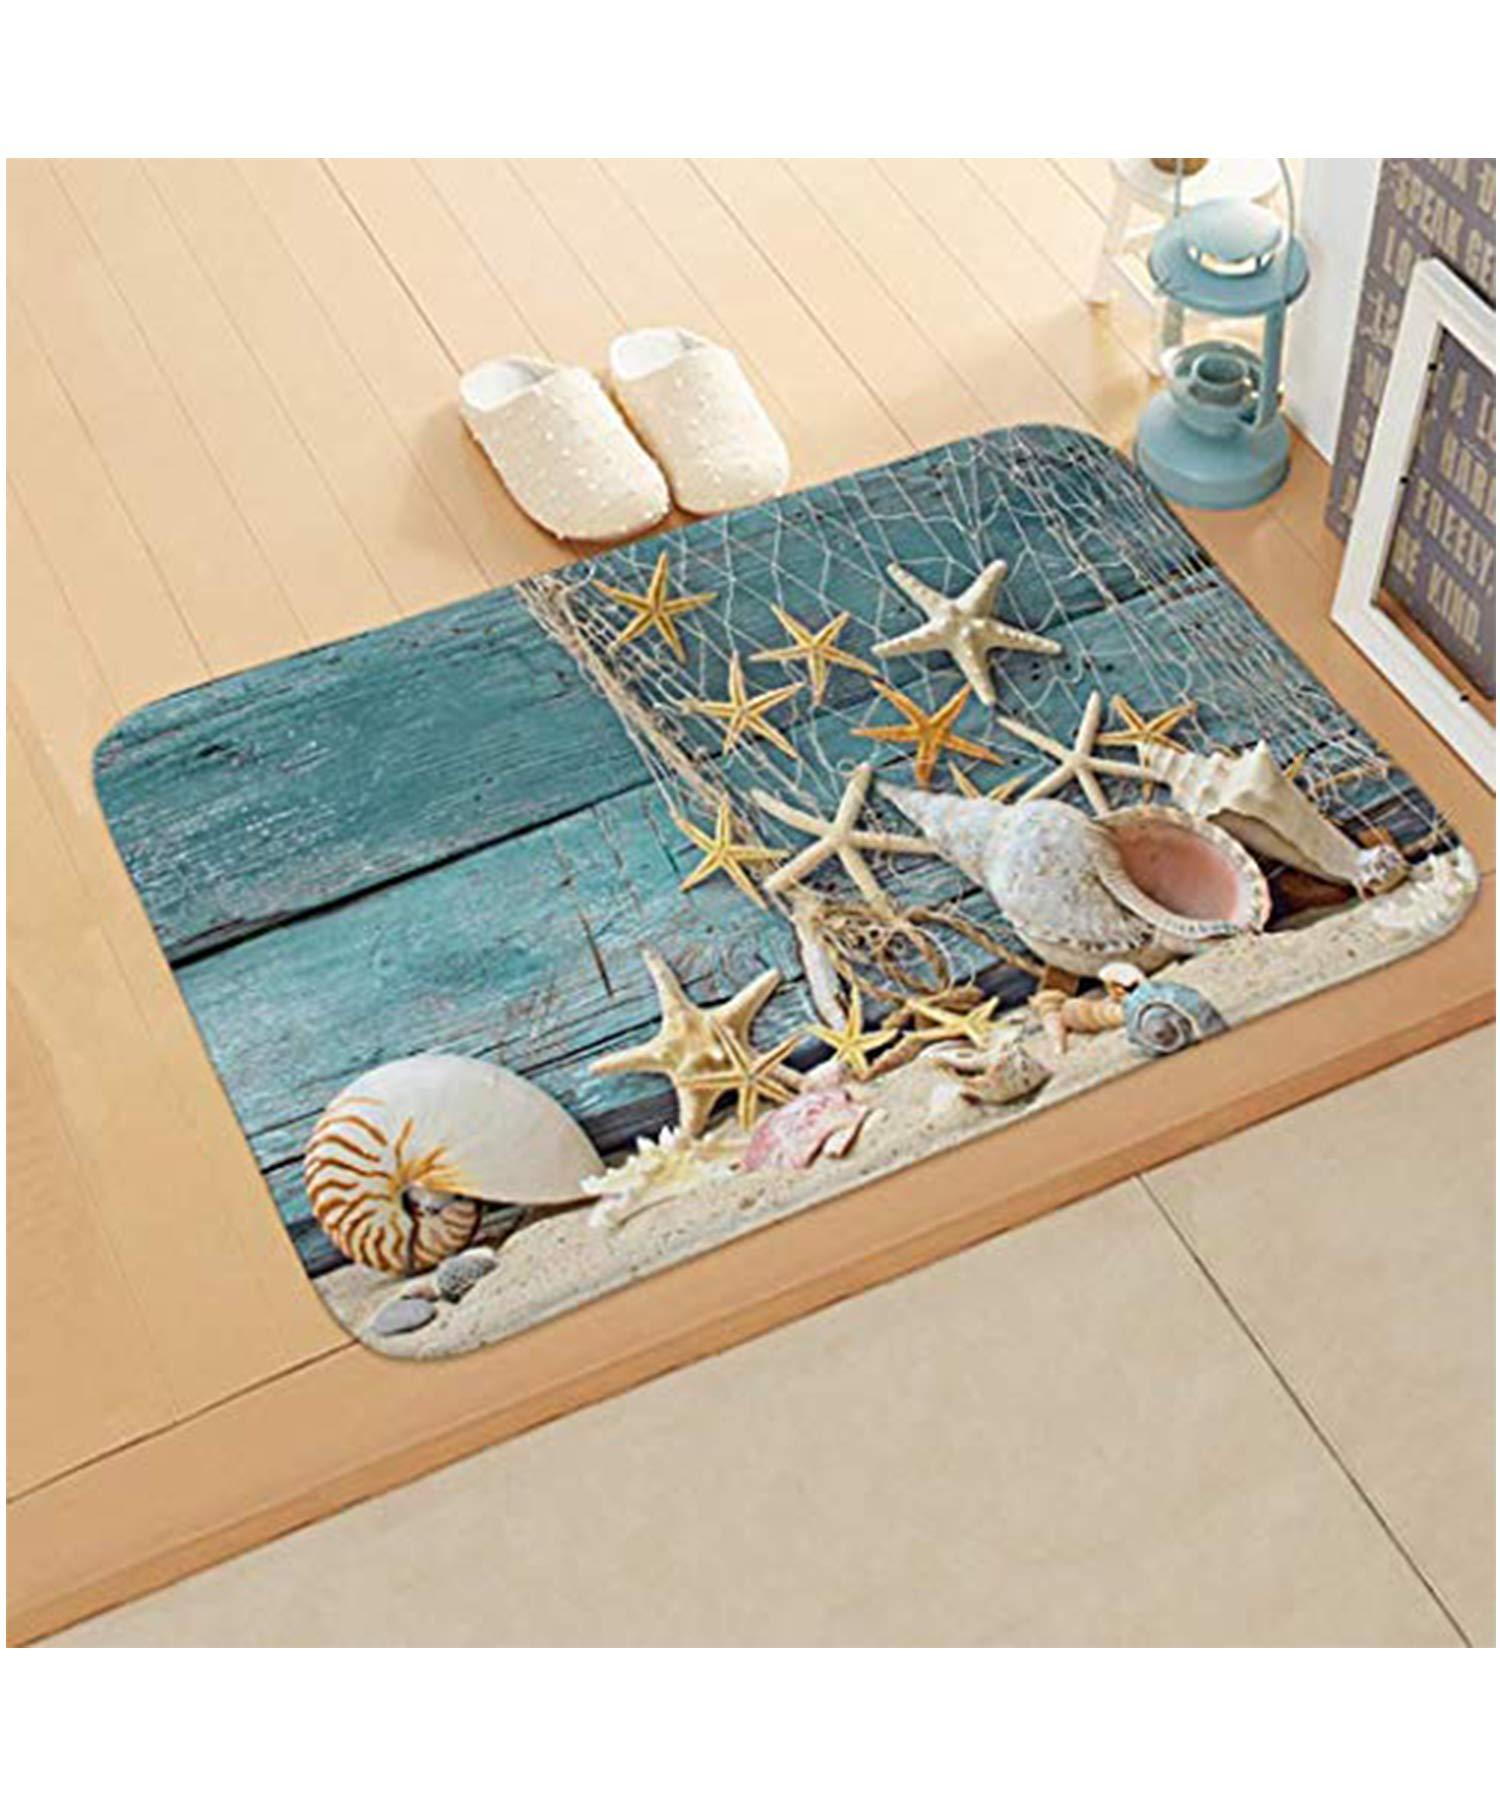 Yirind 1Pc Cute 3D Underwater World Printing Floor Mat Door Mat,Home Bedroom Bathroom Absorbent Non-Slip Carpet Mat,24 x 16inch